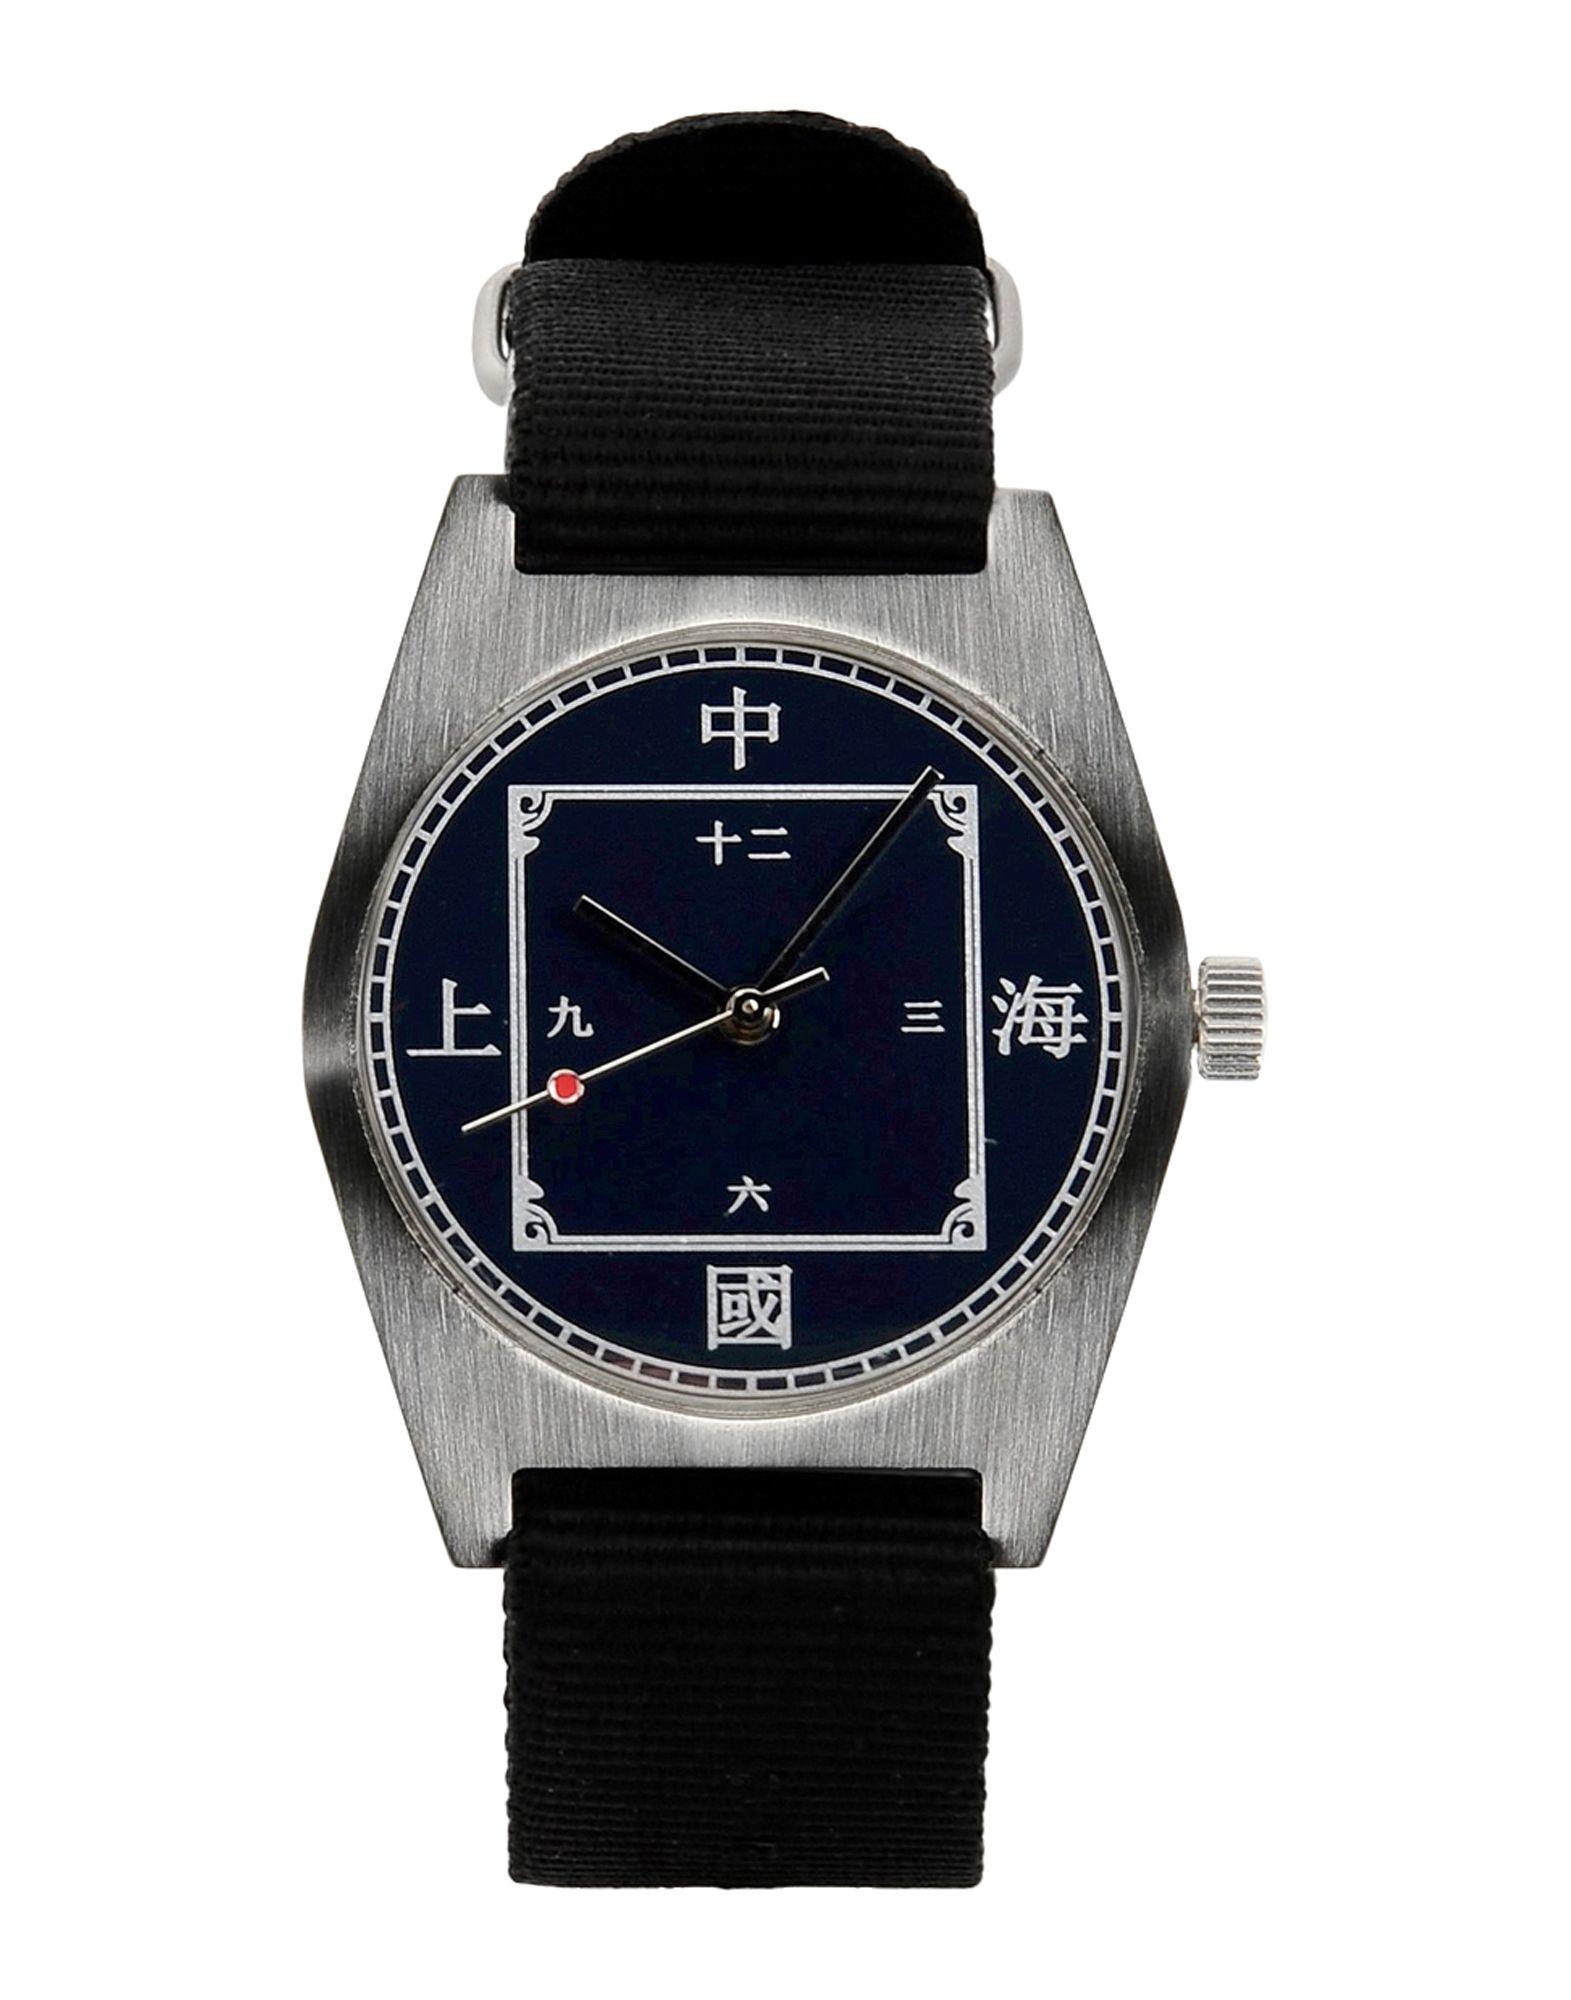 купить SHW SHANGHAI HENGBAO WATCH Наручные часы по цене 5250 рублей